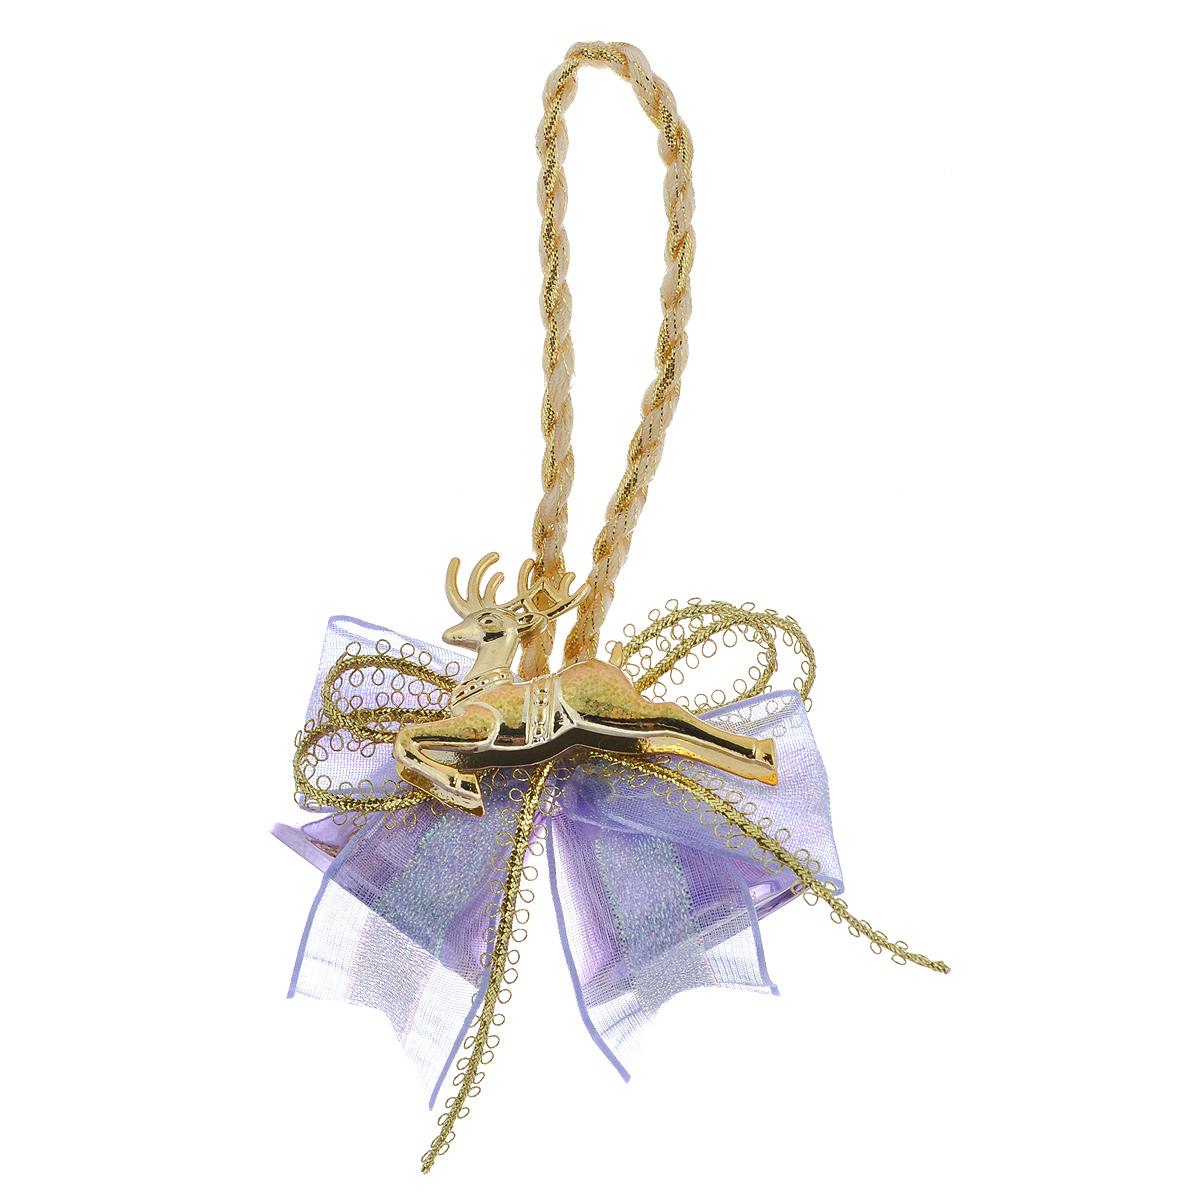 Новогоднее подвесное украшение Колокольчики, цвет: сиреневый. 3501897775318Новогоднее украшение Колокольчики отлично подойдет для декорации вашего дома и новогодней ели. Игрушка выполнена в виде связки на декоративной ленте из шести пластиковых колокольчиков различных размеров. Связка украшена декоративным элементом в виде цветка с золотистым листком, ветками с ягодами и текстильным бантом с мишурой. Колокольчики украшены мишурой и золотой каймой по краю. Украшение оснащено специальной текстильной петелькой для подвешивания. Елочная игрушка - символ Нового года. Она несет в себе волшебство и красоту праздника. Создайте в своем доме атмосферу веселья и радости, украшая всей семьей новогоднюю елку нарядными игрушками, которые будут из года в год накапливать теплоту воспоминаний.